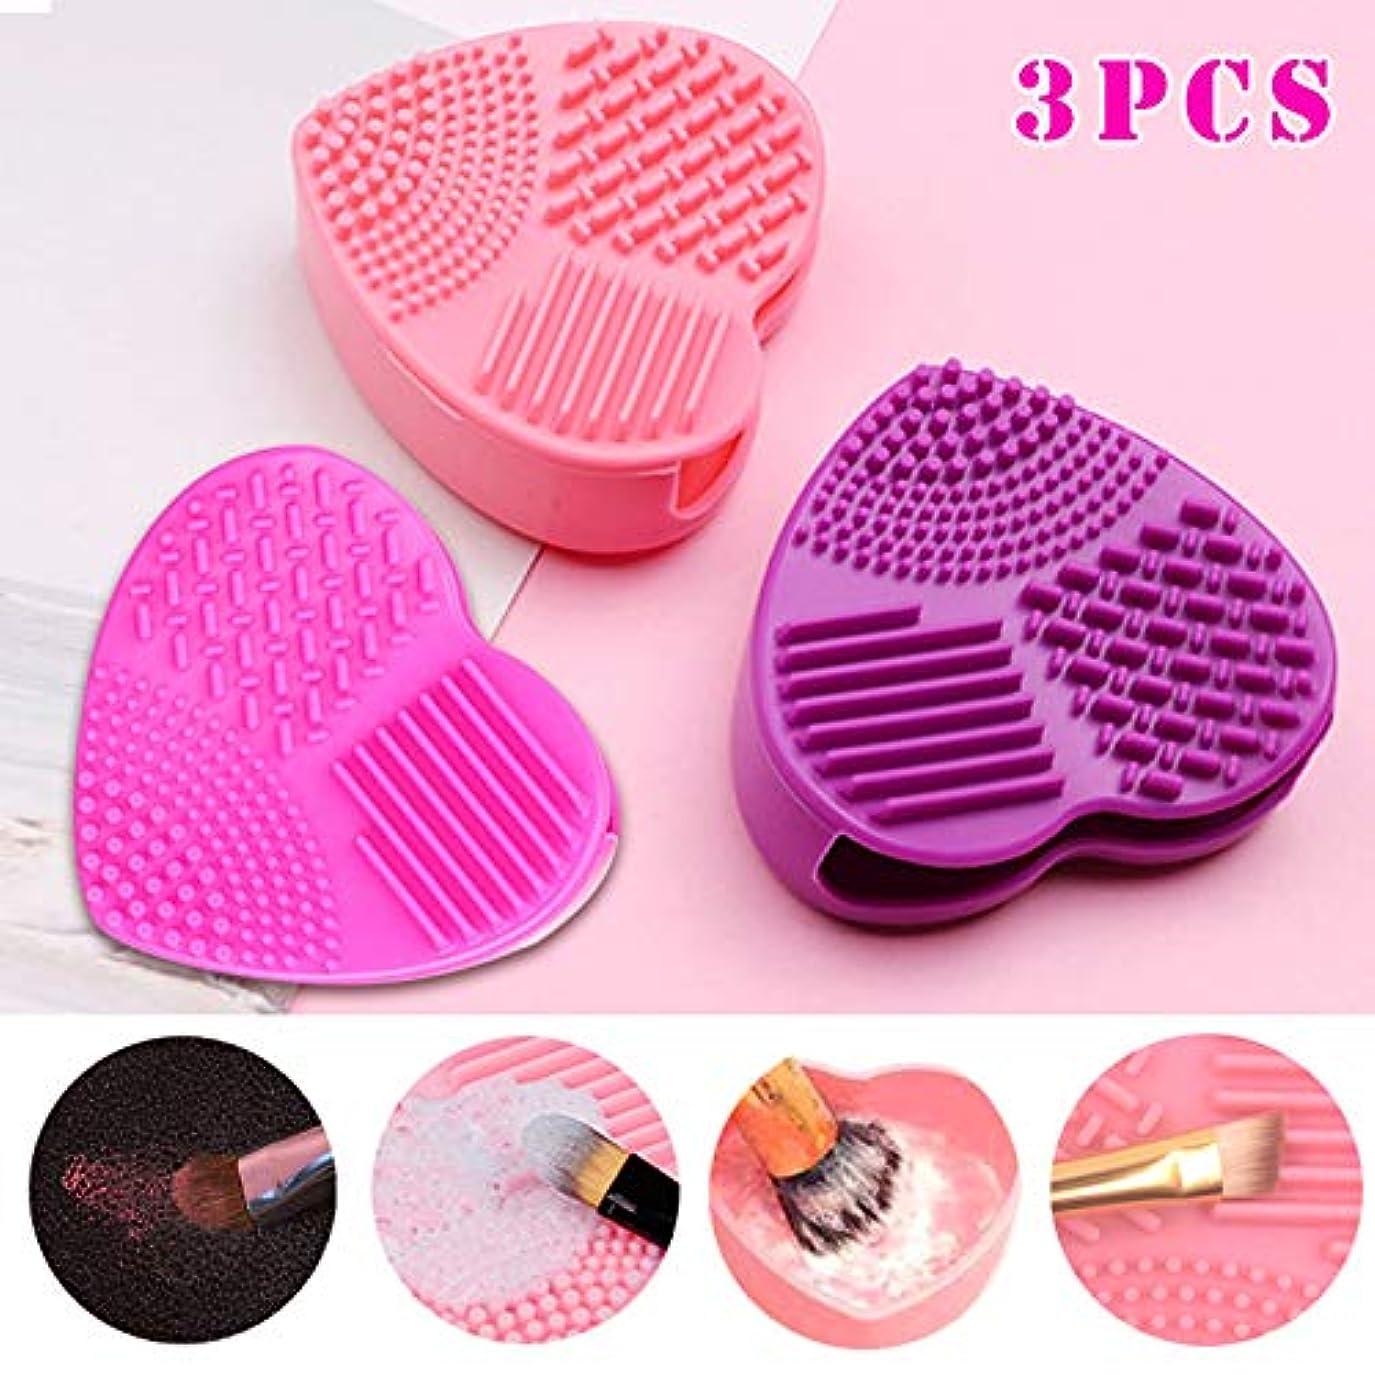 喜んで優勢テーブルを設定するSymboat 3つのハート型の化粧ブラシのクリーニングパッド 洗浄ブラシ ピンクのハート形 化粧ブラシ用清掃パッド